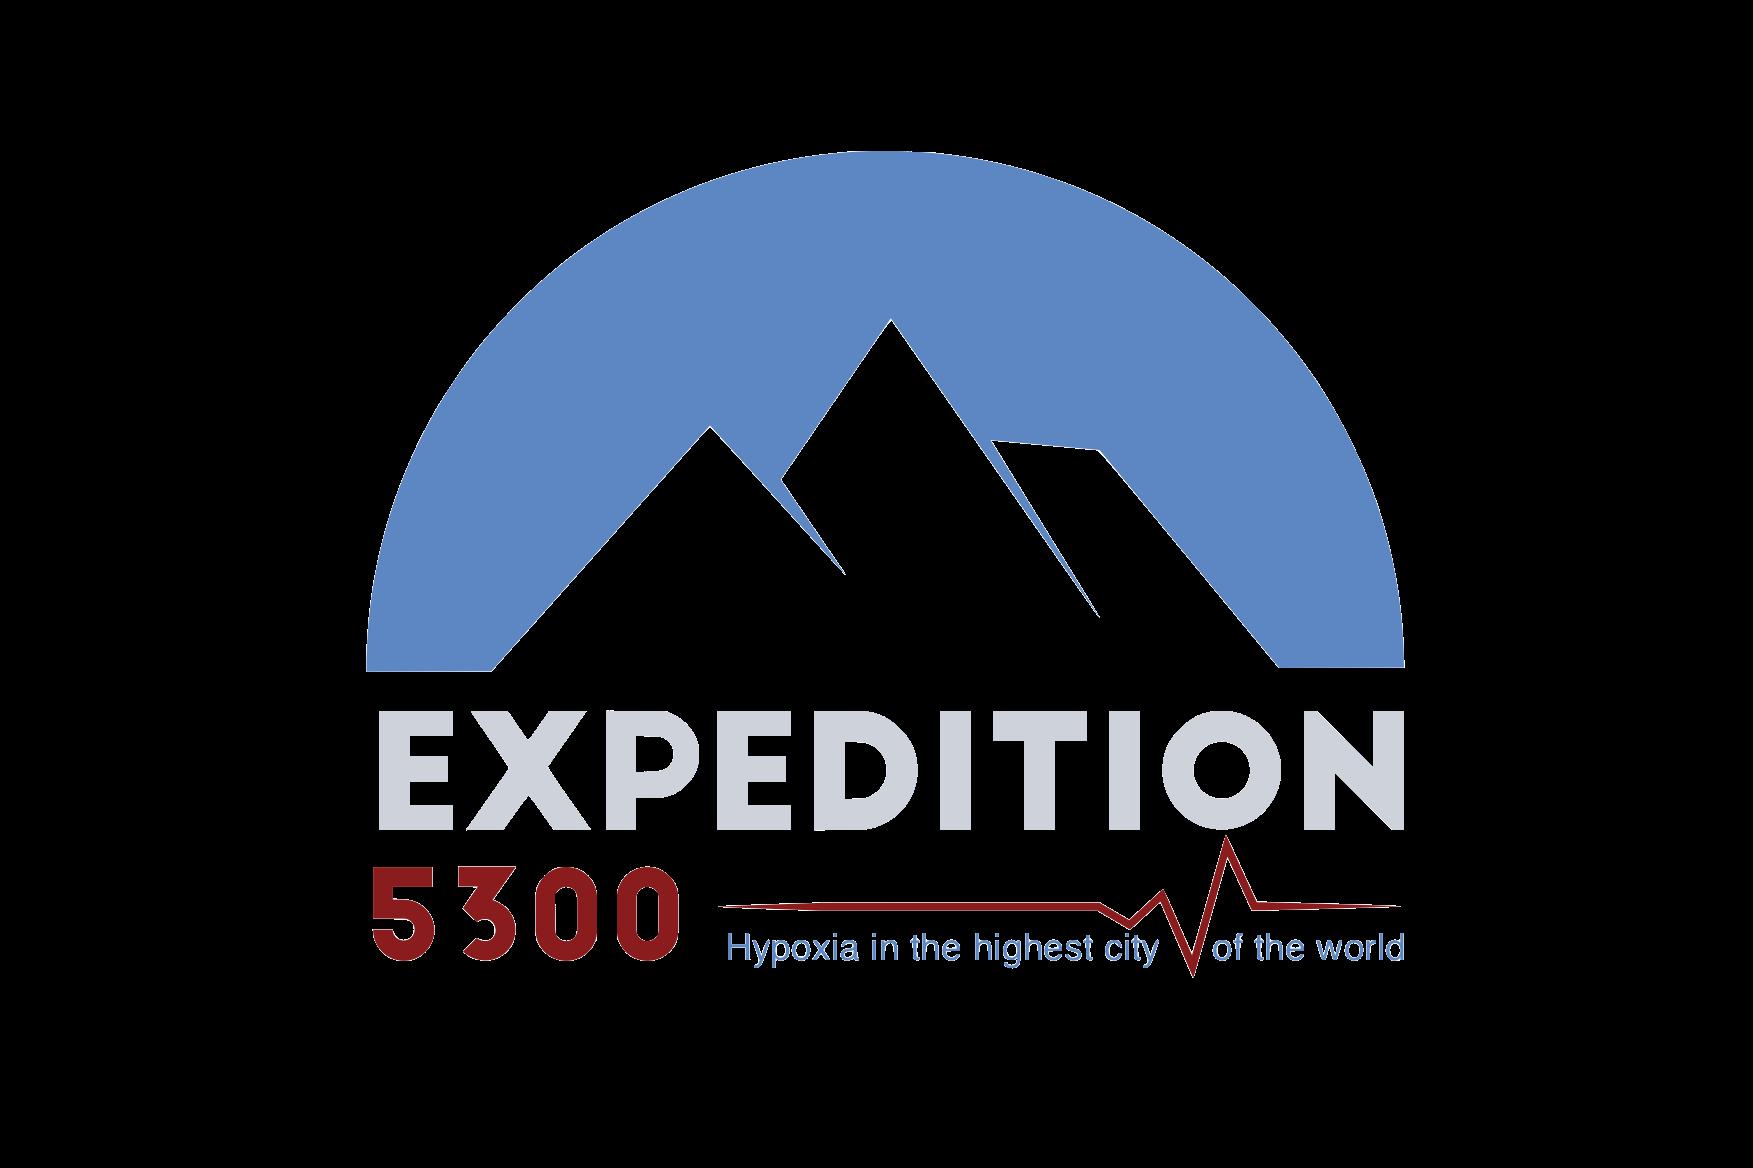 EXPÉDITION 5300